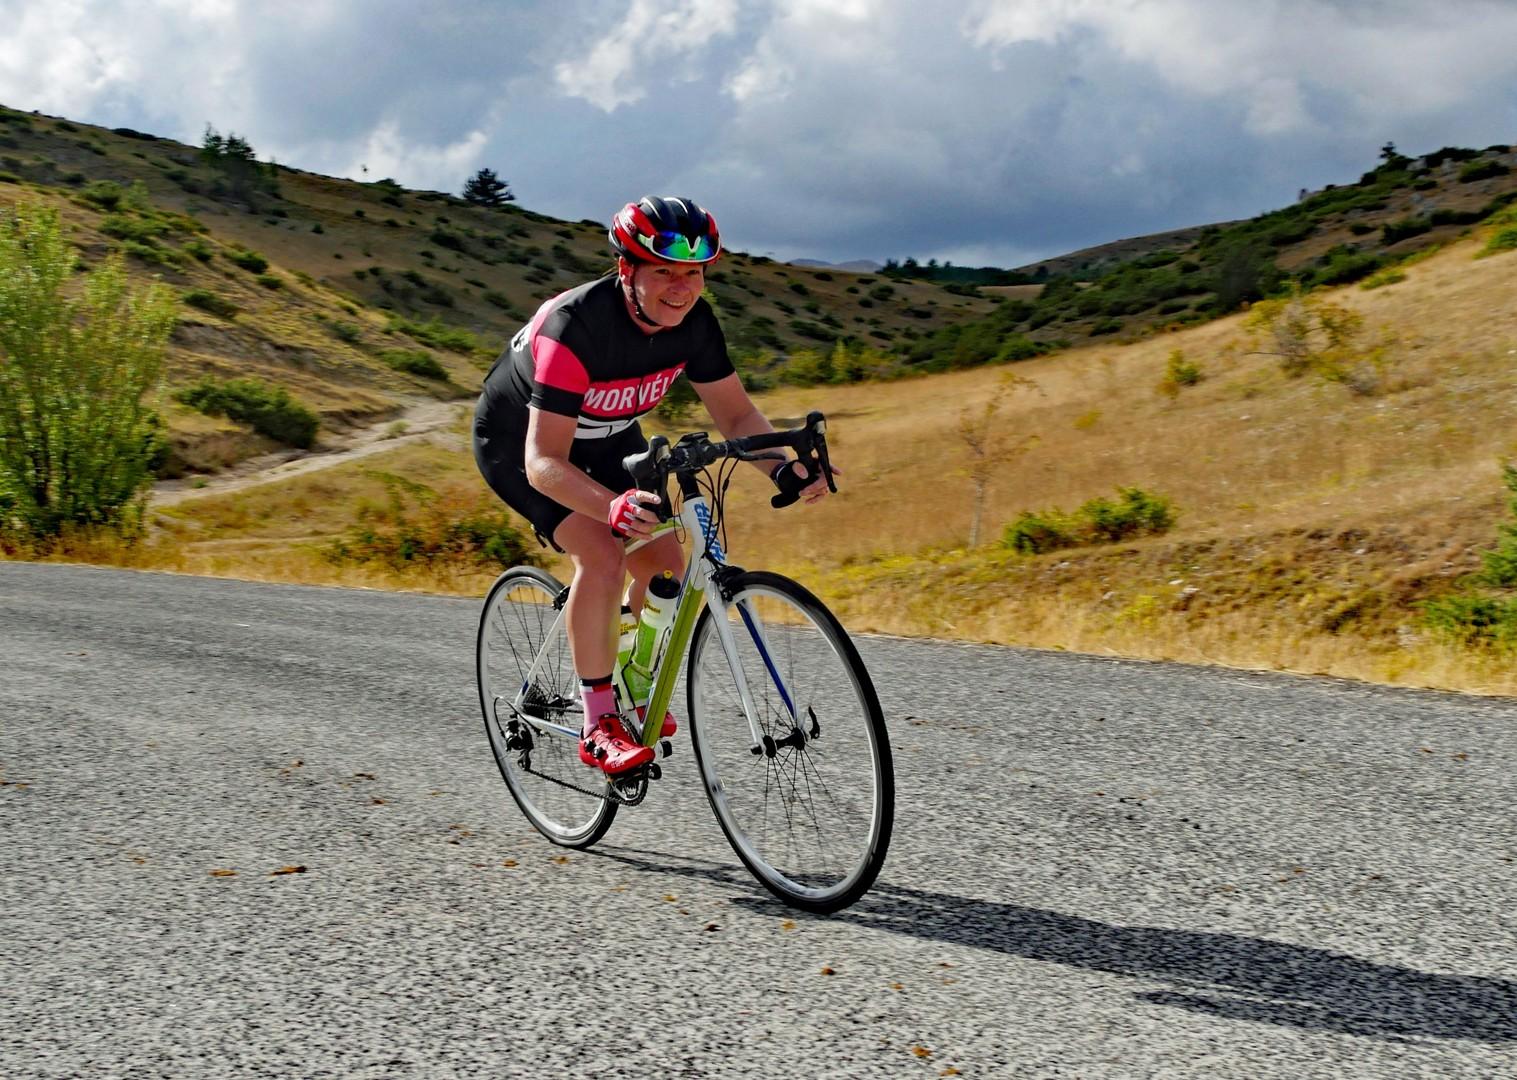 abruzzi-road-cycling-holiday-italy-abruzzo.jpg - Italy - Abruzzo - Appennini d'Abruzzo - Guided Road Cycling Holiday - Road Cycling